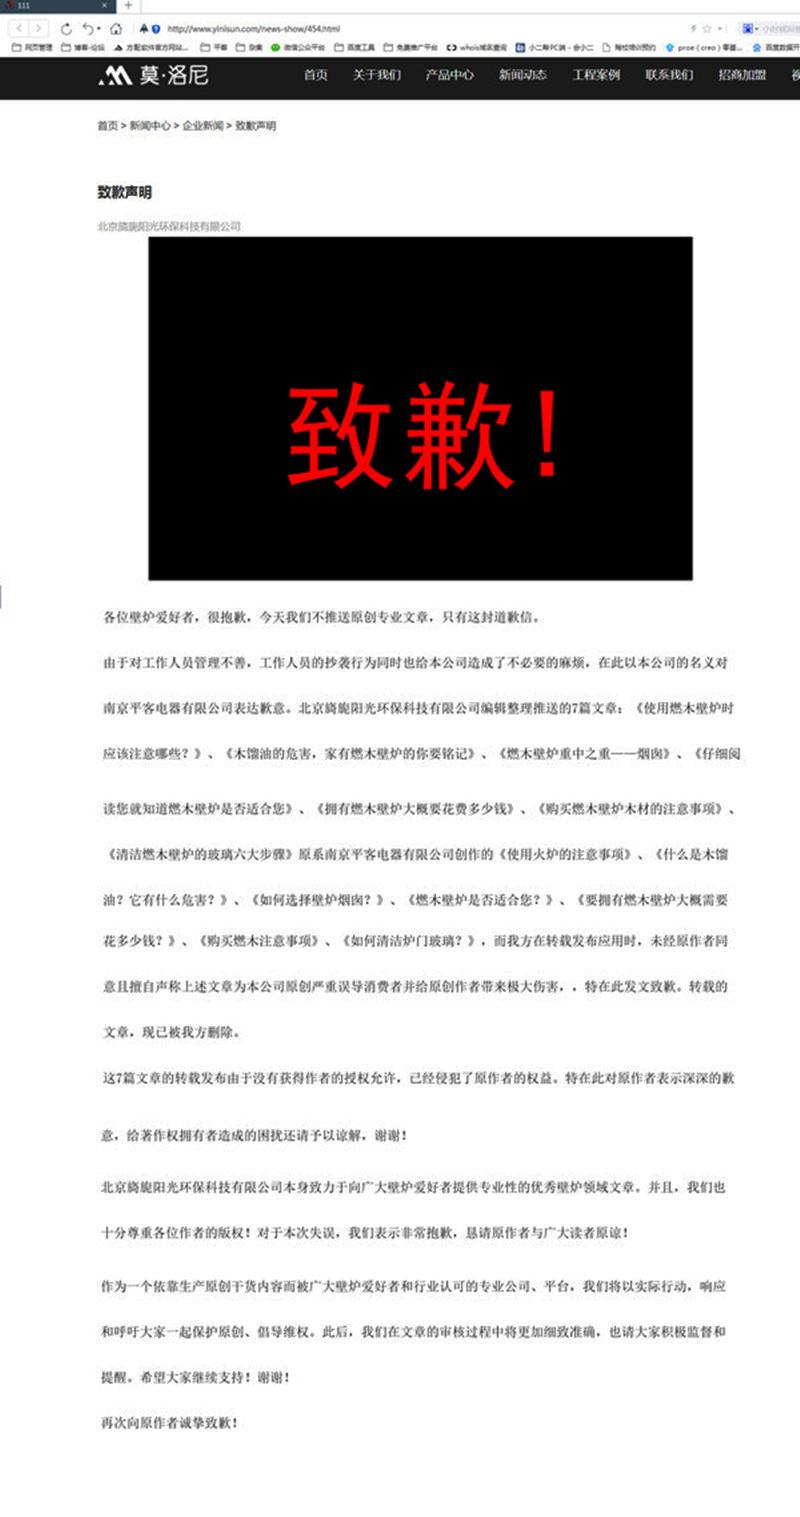 莫洛尼壁炉在其官网就侵犯平客壁炉著作权一事刊登道歉函.jpg